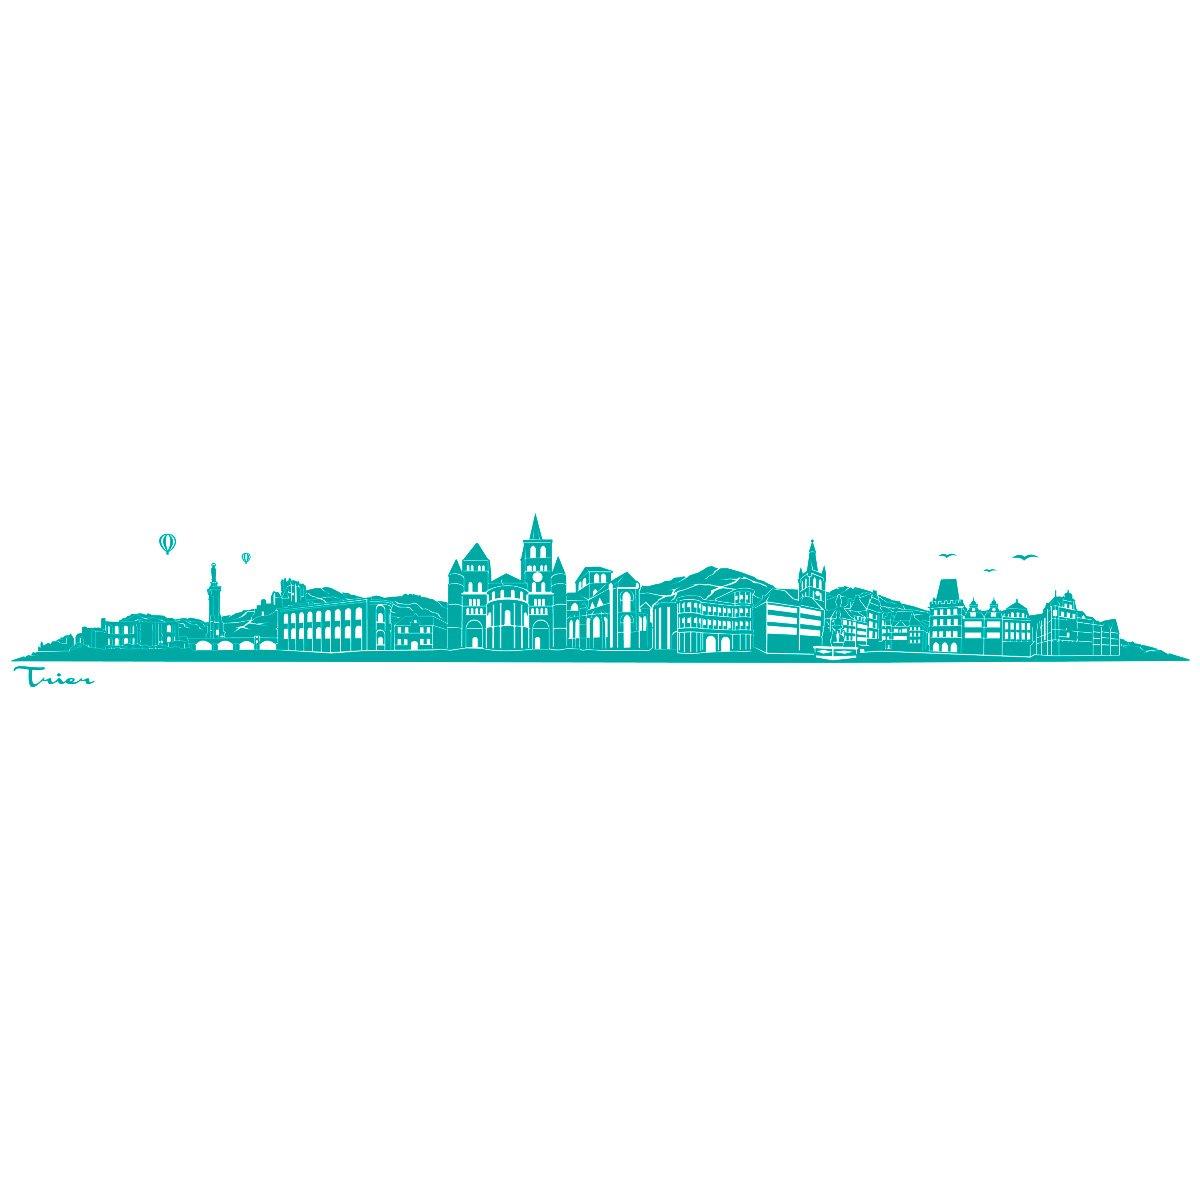 WANDKINGS Wandtattoo - Skyline Trier (ohne Fluss) Fluss) Fluss) - 240 x 36 cm - Schwarz - Wähle aus 6 Größen & 35 Farben B078SH5VVK Wandtattoos & Wandbilder 11714e